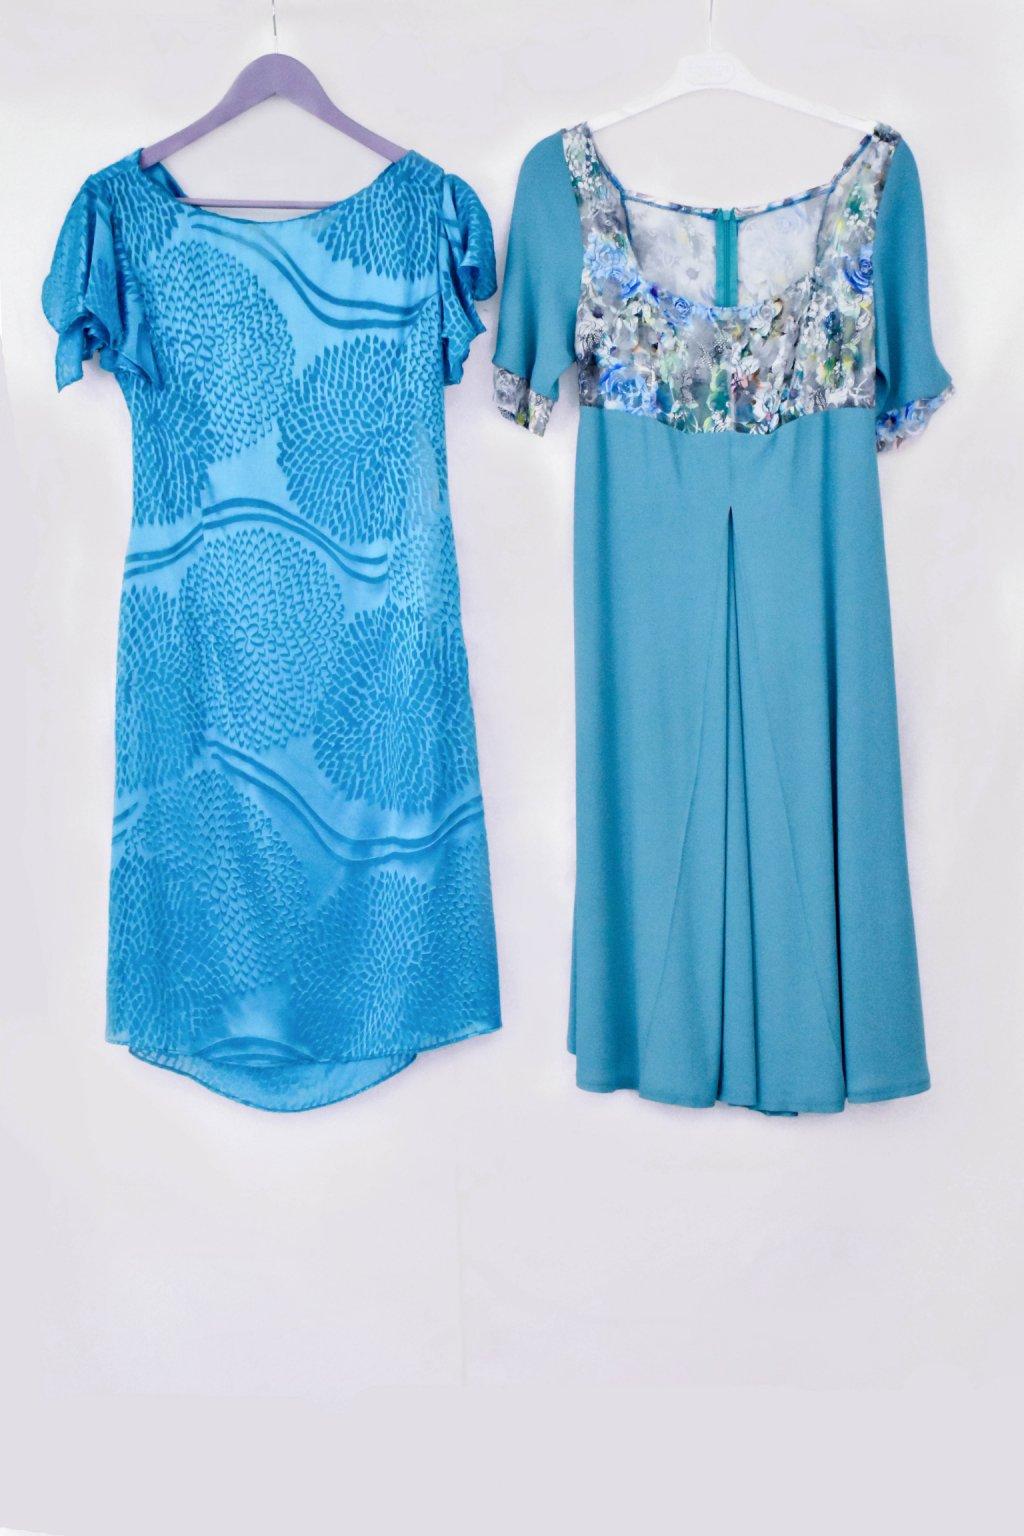 modré šaty všechny celé